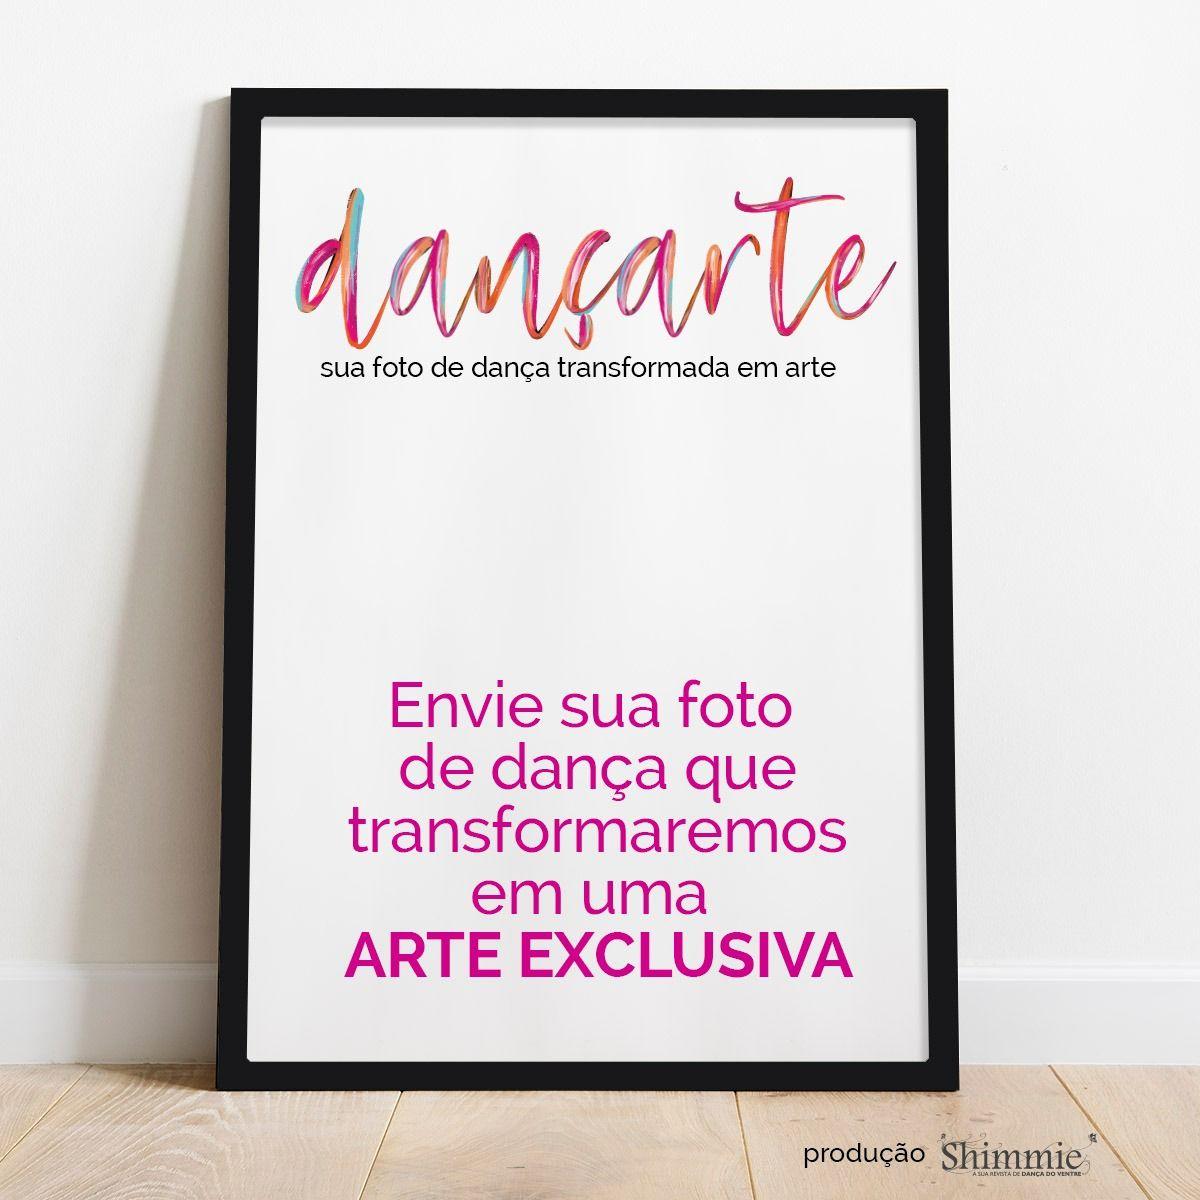 Dançarte . sua foto de dança transformada em arte